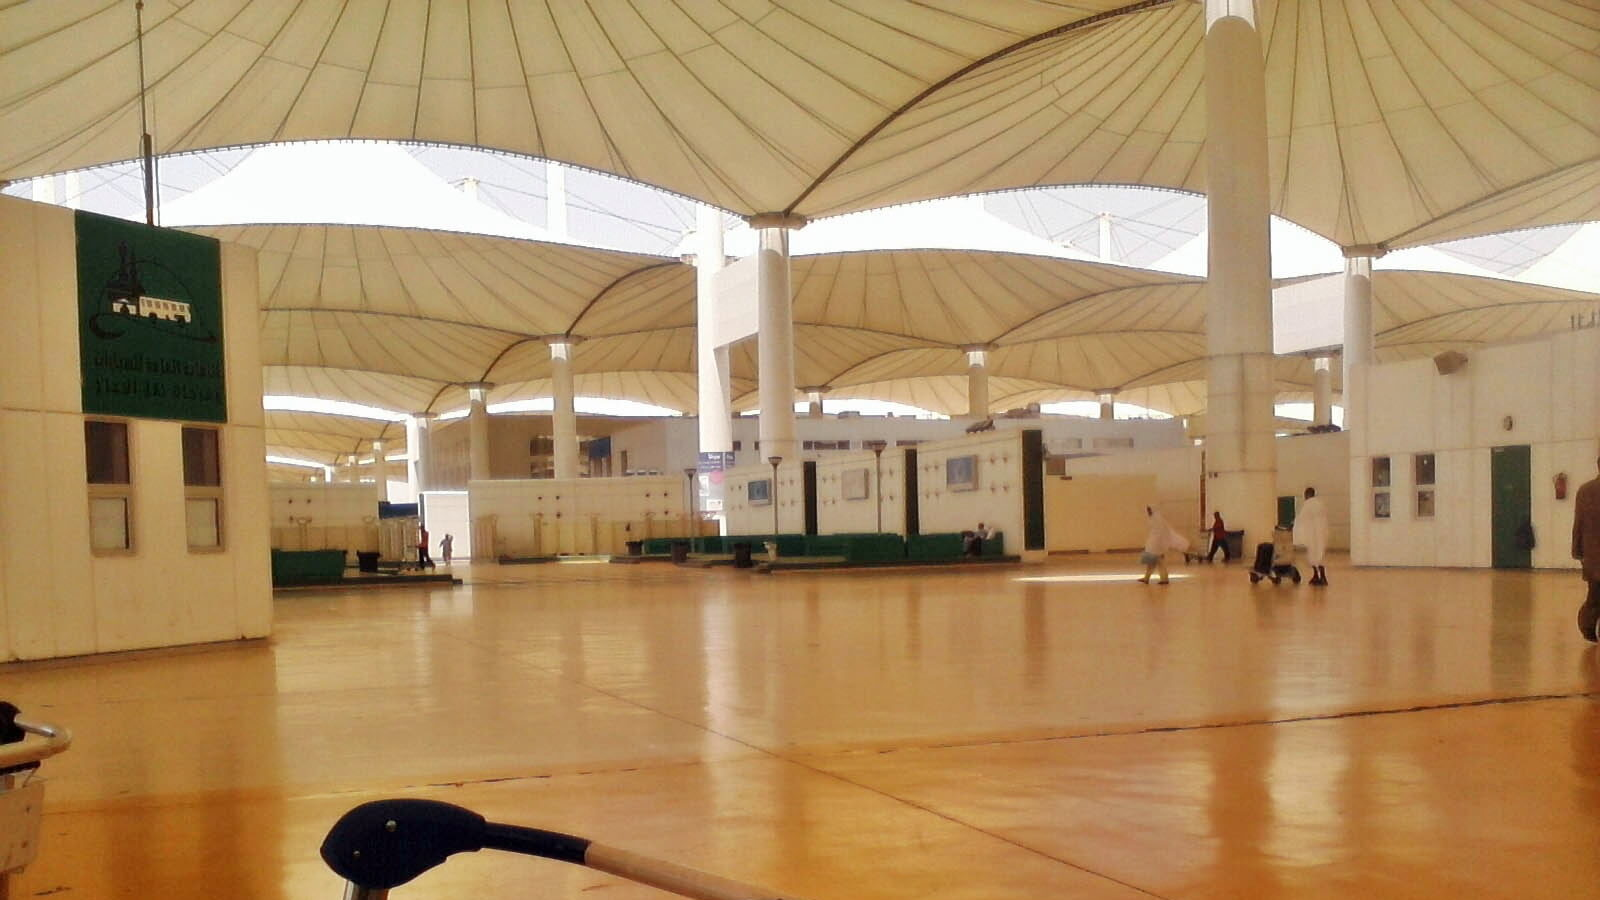 aeropuerto de Jeddah, en Arabia Saudita.